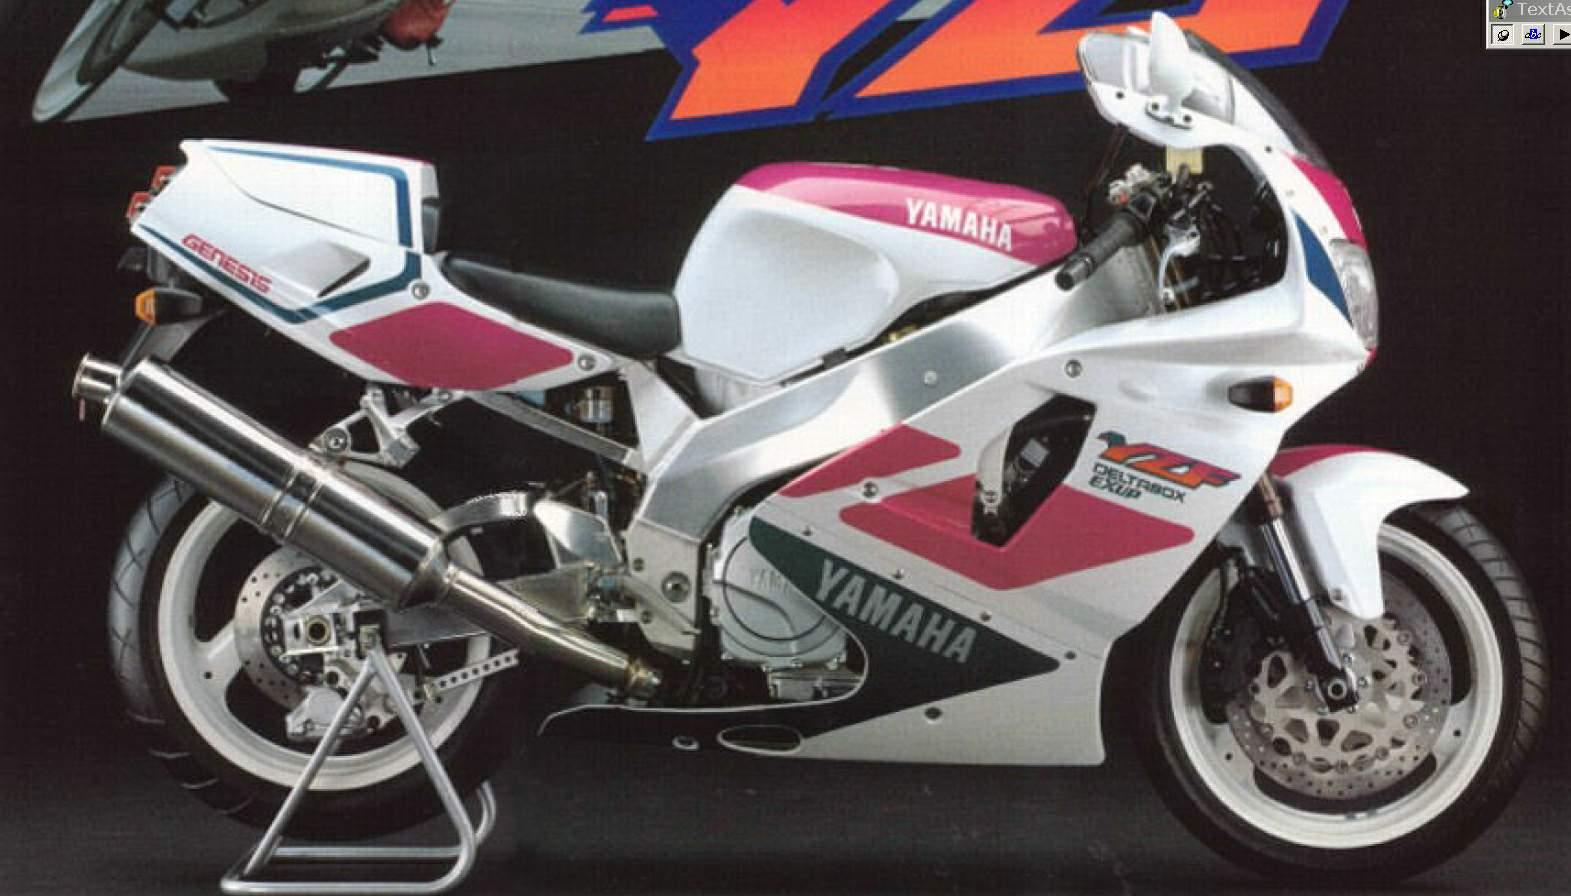 Yamaha Yzf  Sp For Sale